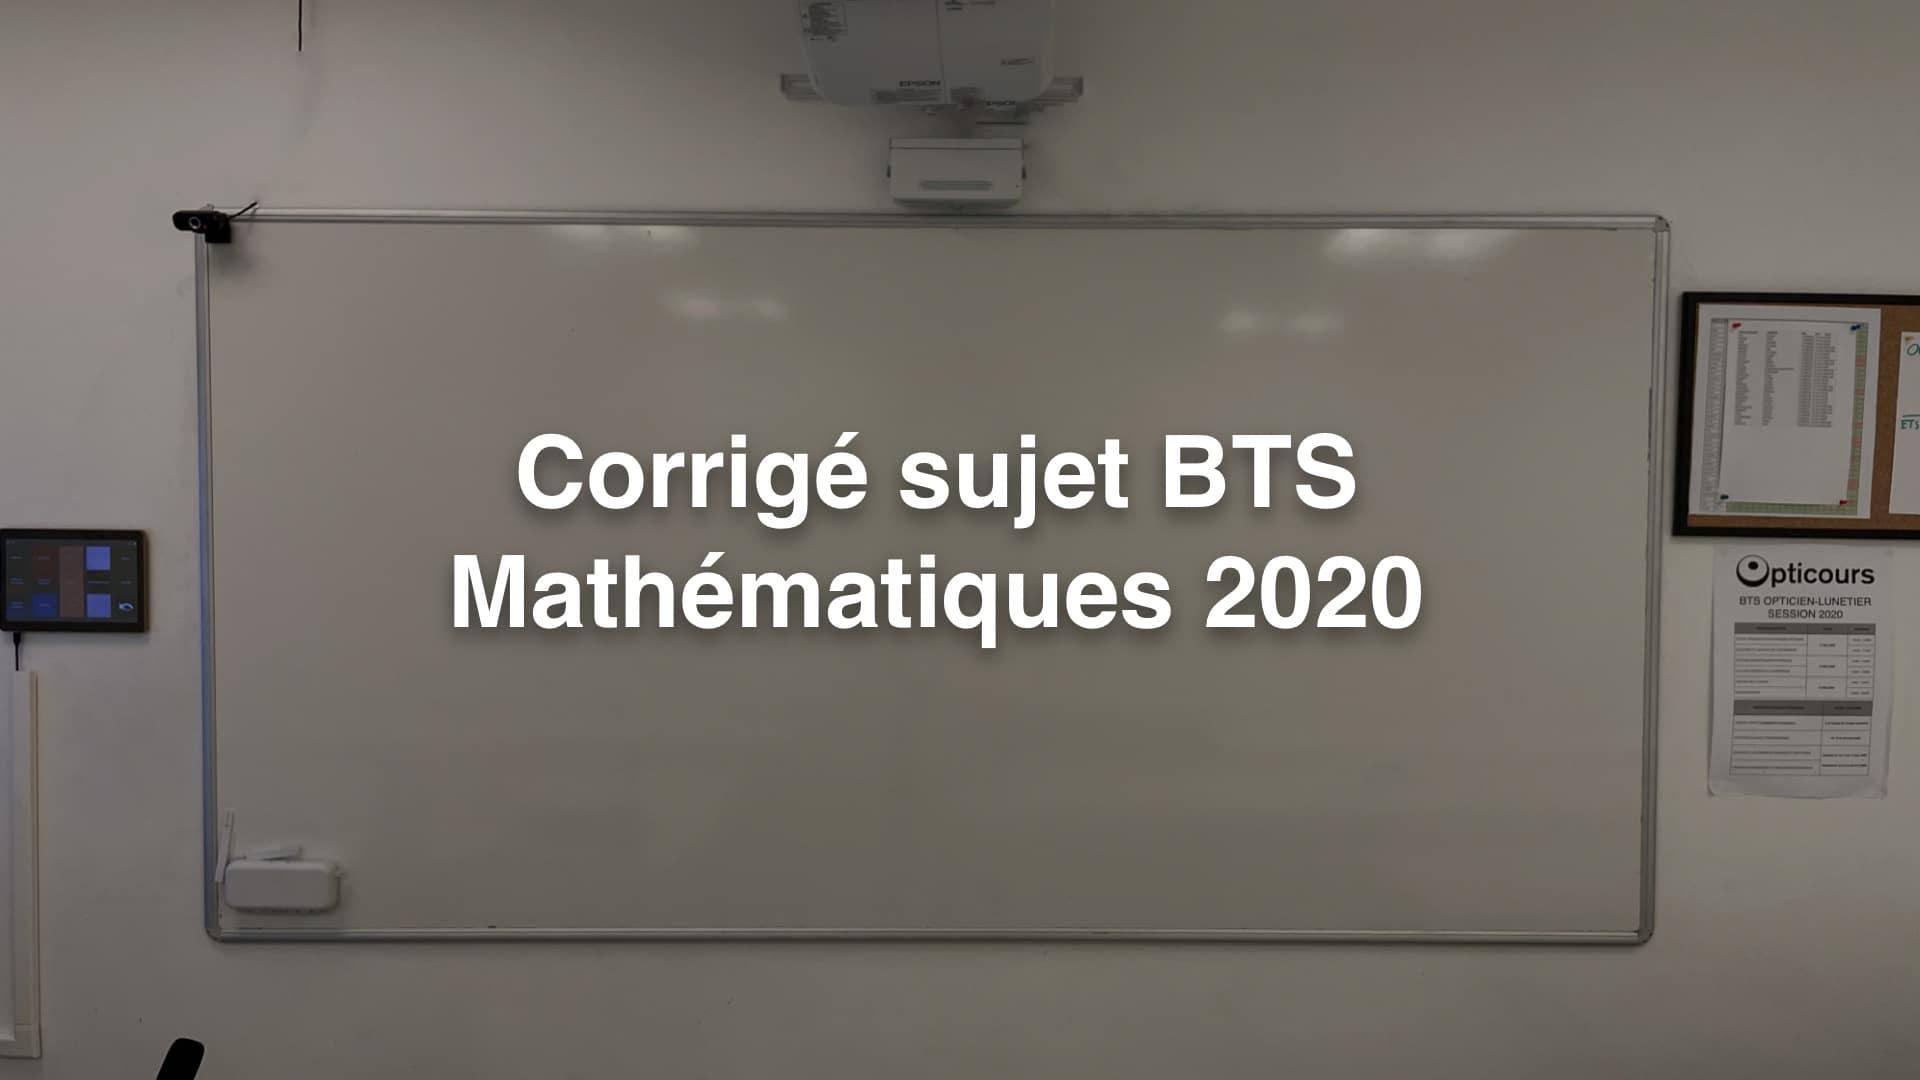 Corrigé sujet BTS Mathématiques 2020